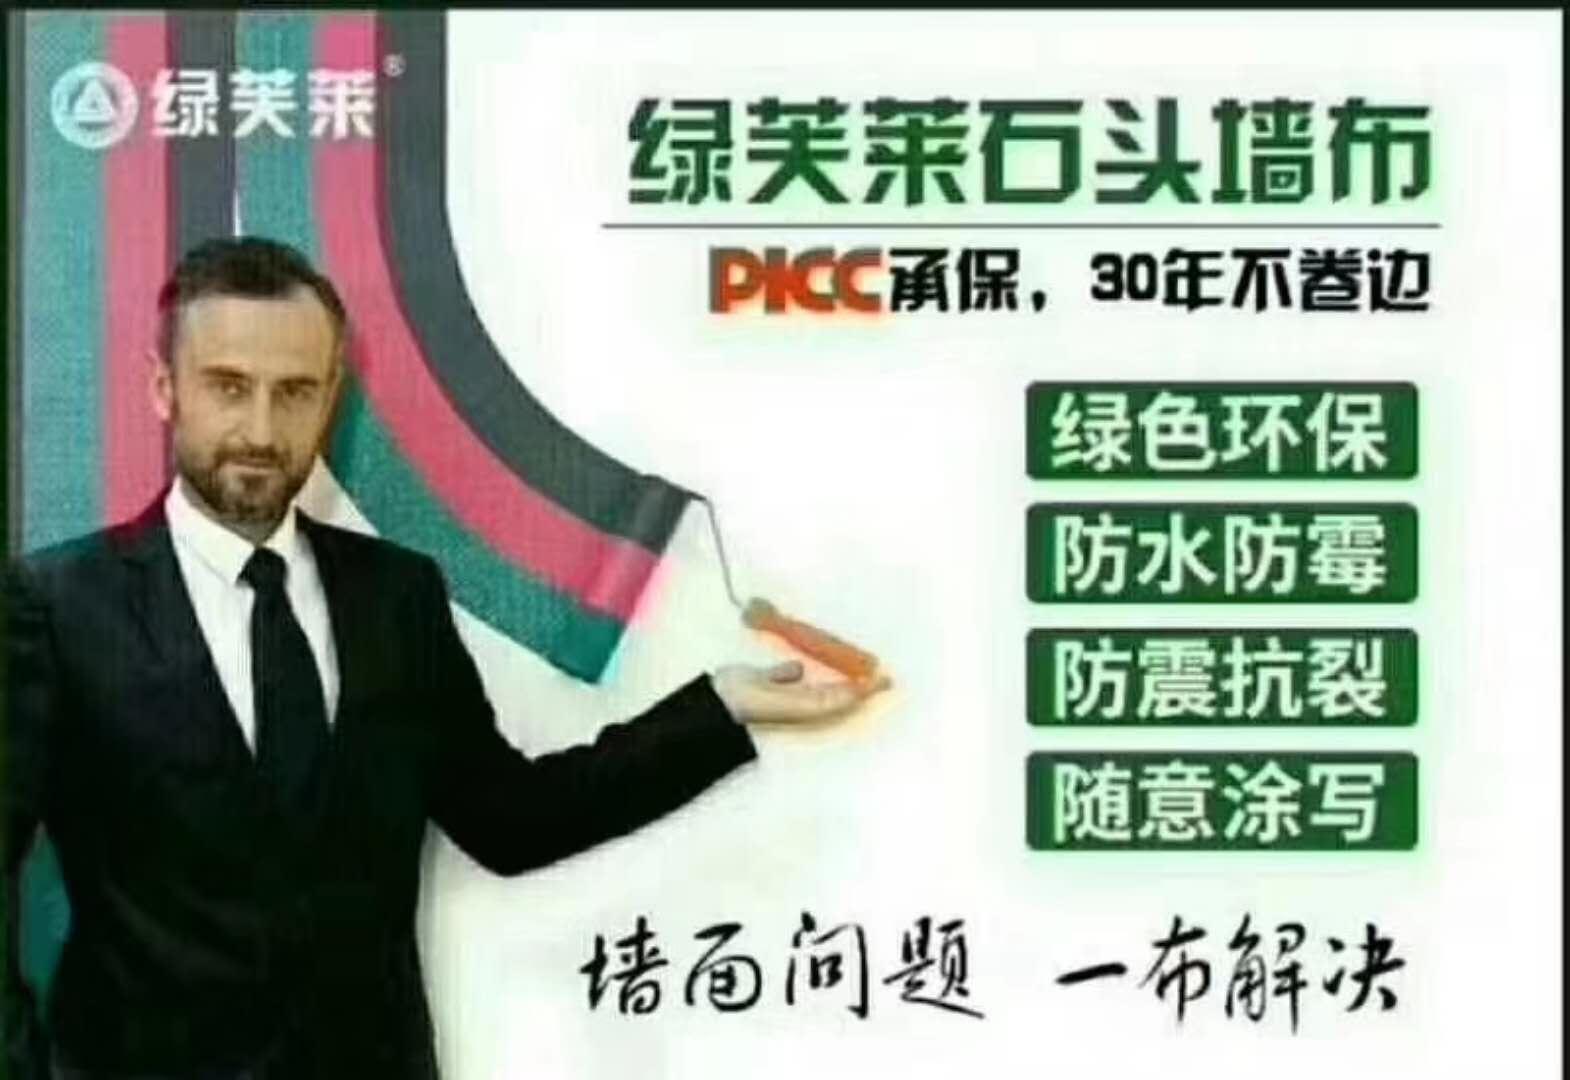 广东墙基布-可信赖的墙基布产品信息